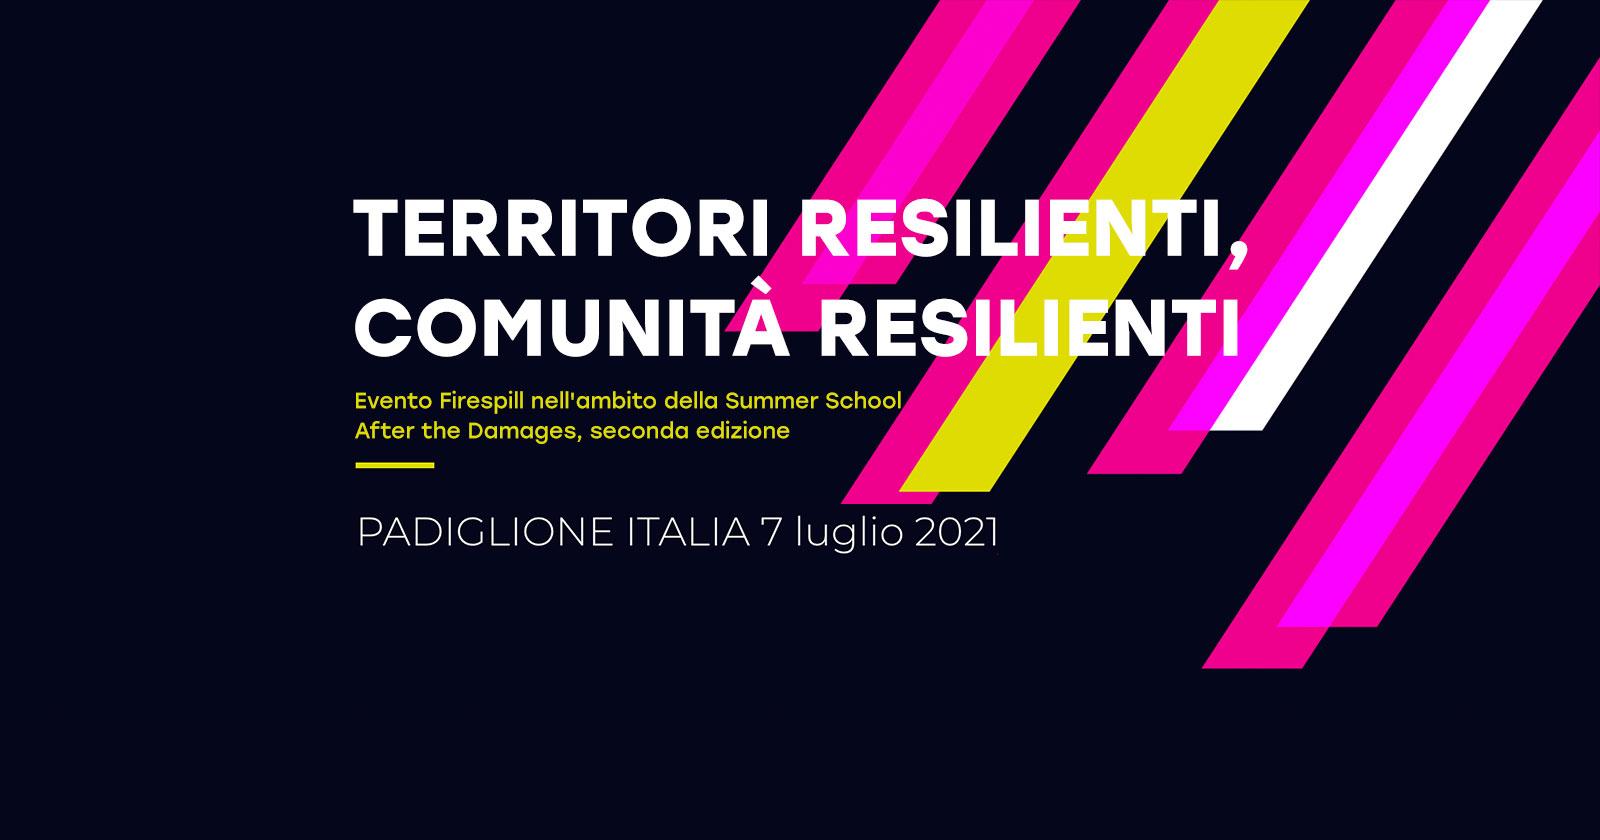 Comunità e territori resilienti: il post-disastro al Padiglione Italia - La Biennale di Venezia